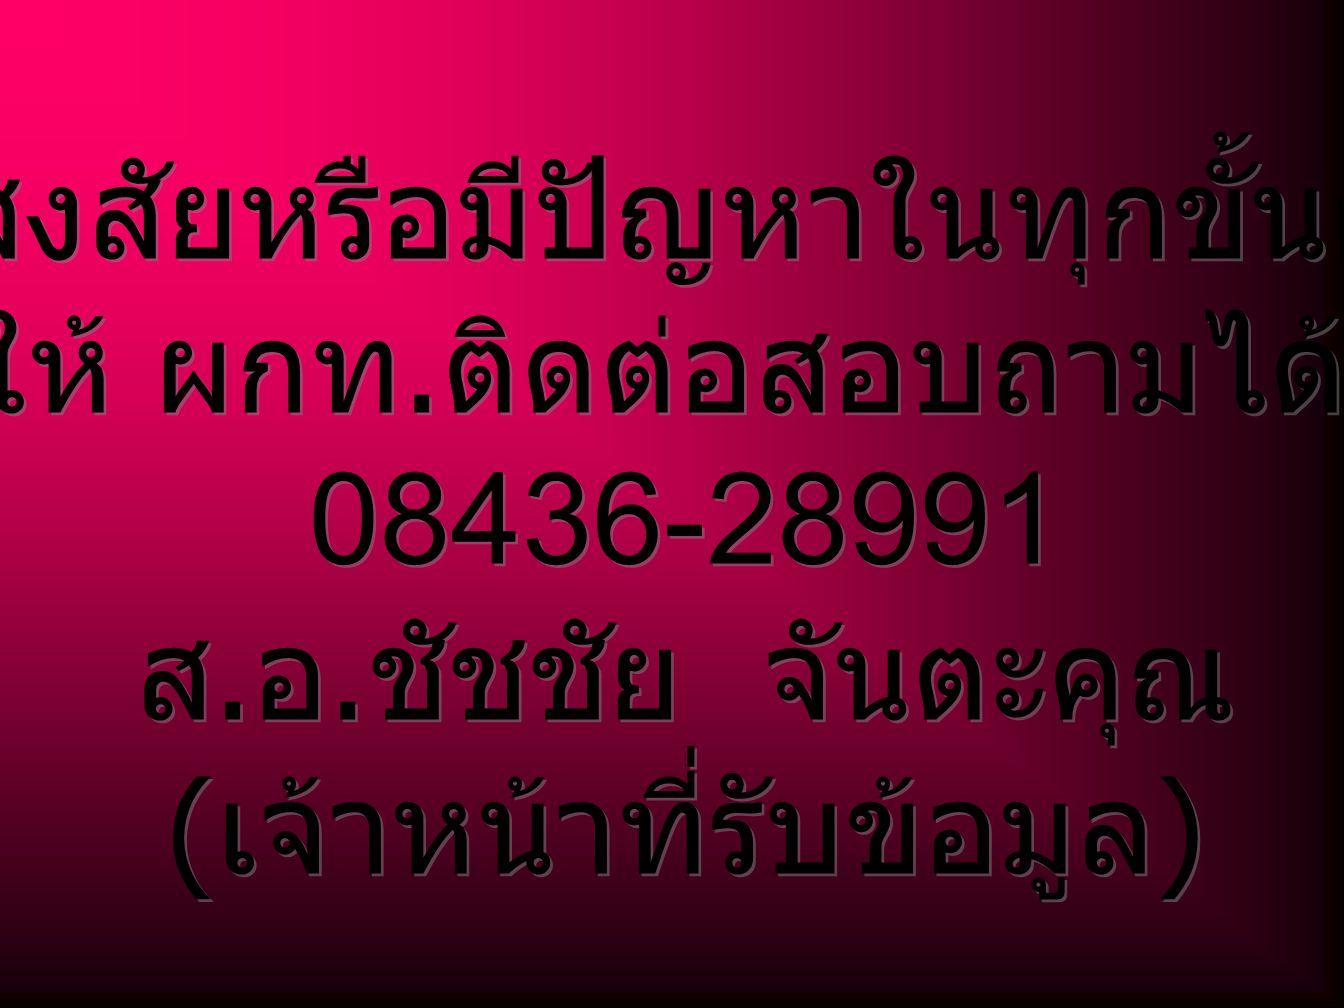 ถ้าสงสัยหรือมีปัญหาในทุกขั้นตอน ให้ ผกท. ติดต่อสอบถามได้ที่ 08436-28991 ส.